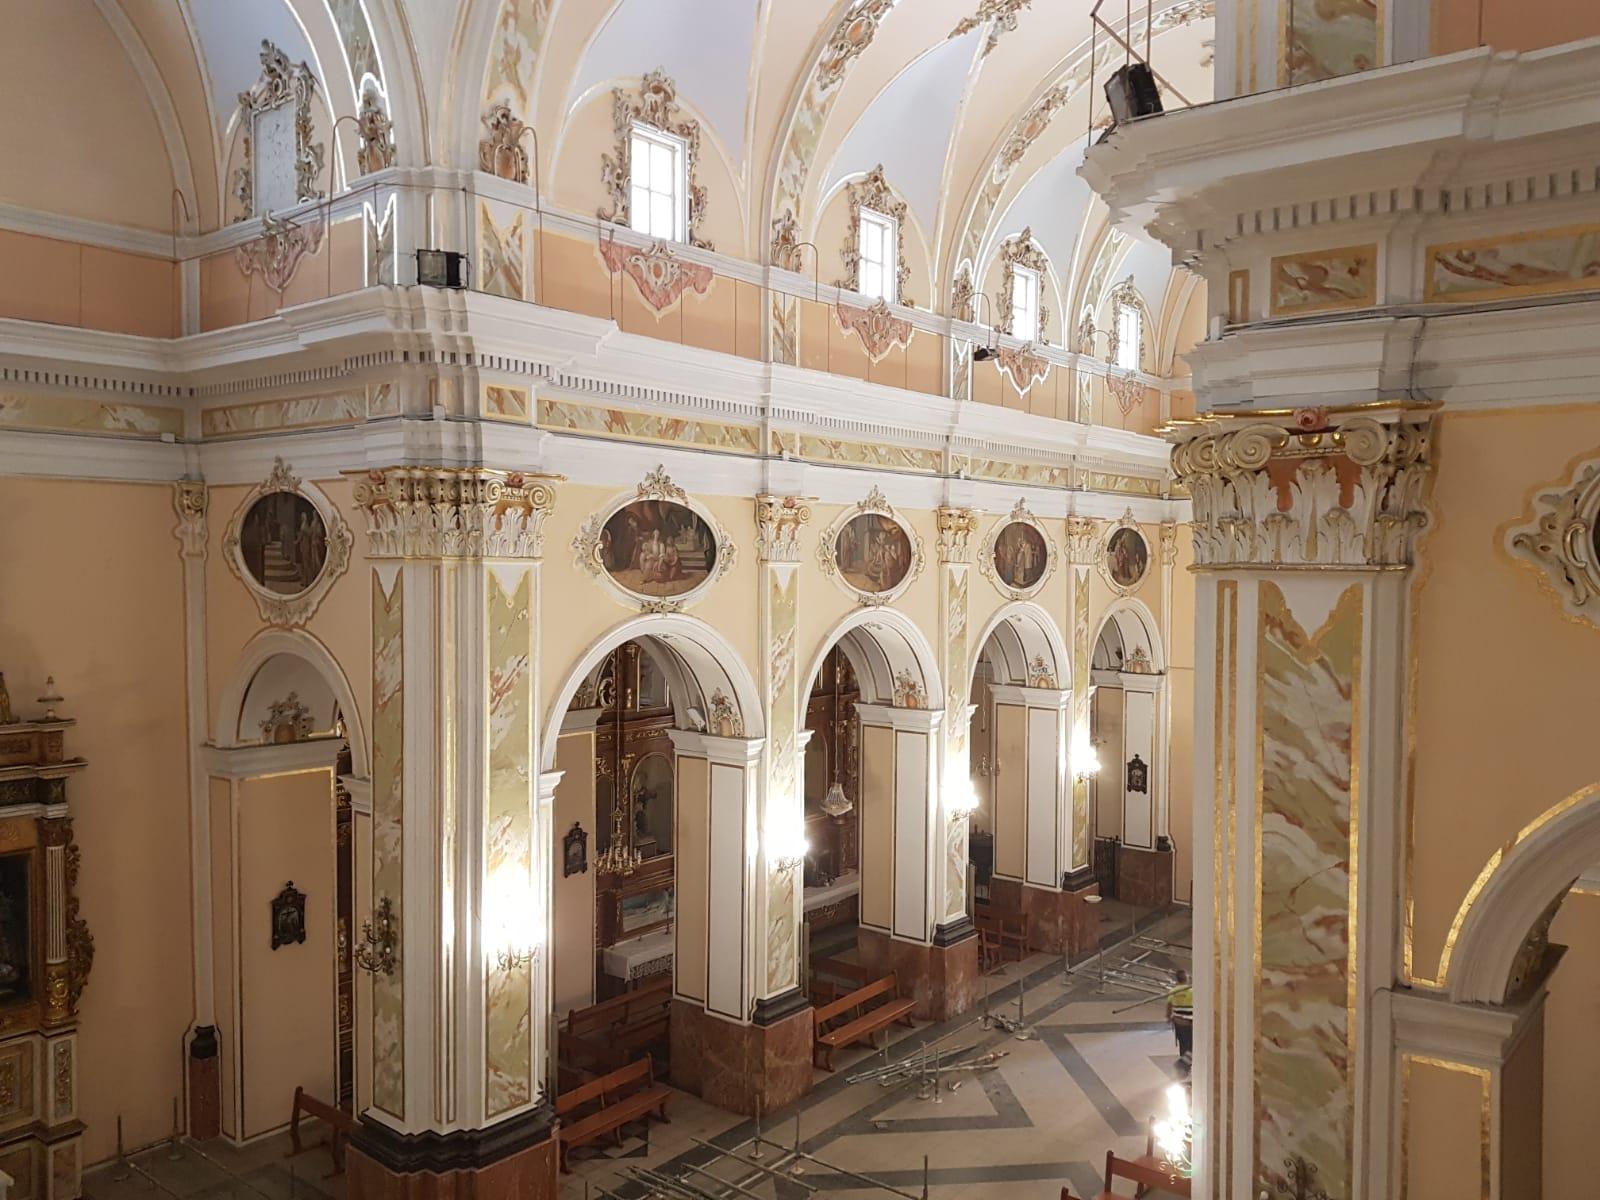 Restauración De Las Pinturas Murales De La Iglesia Parroquial De Pedralba